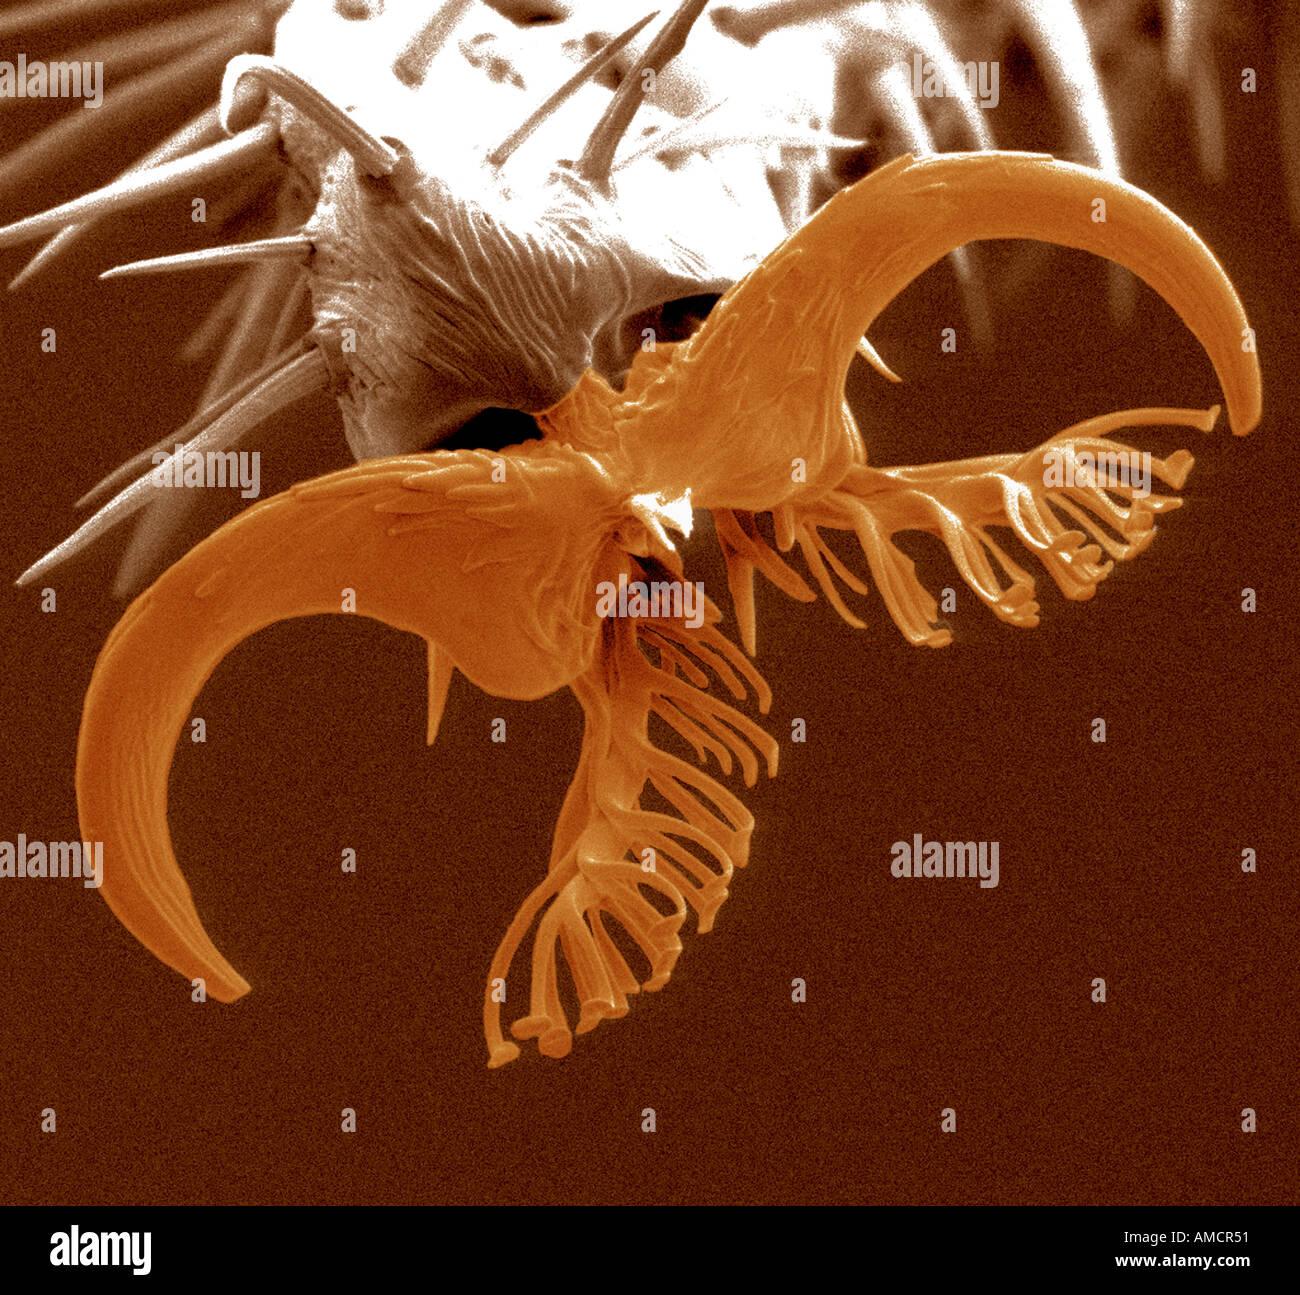 Una micrografia al microscopio elettronico a scansione di un piede di Drosophila tipo selvatico, ingrandite x975. Foto Stock